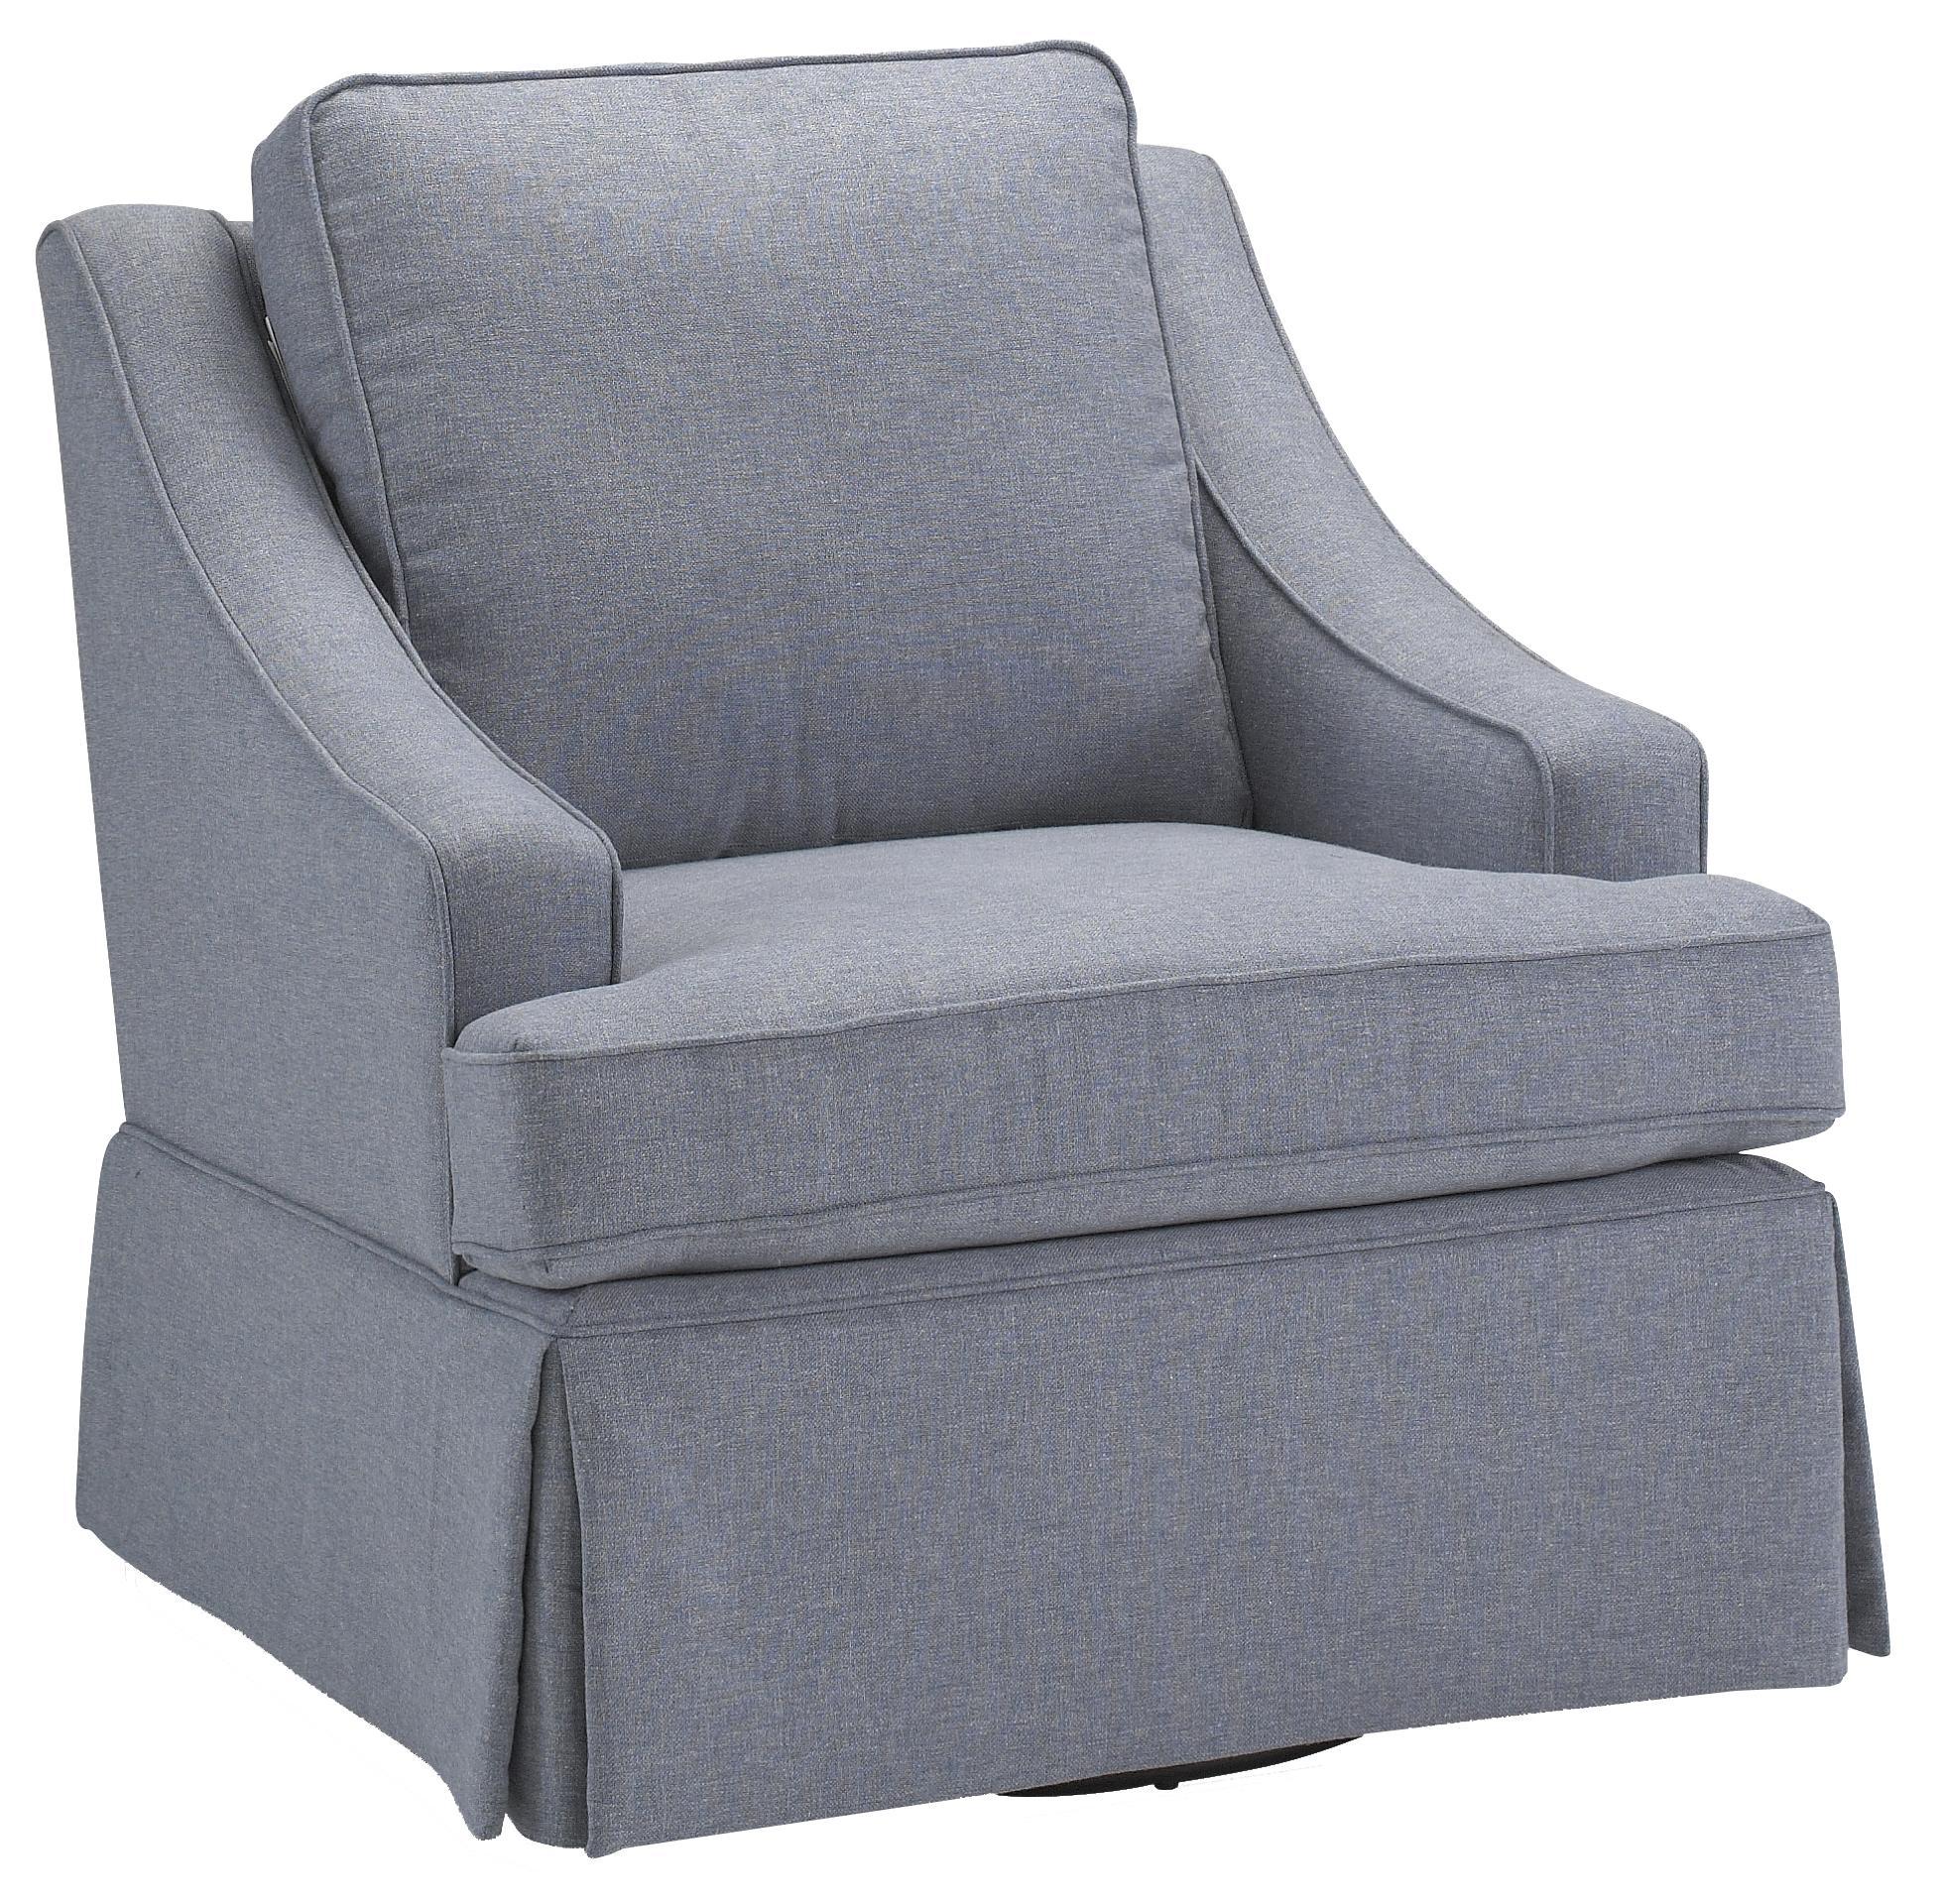 chairs swivel glide contemporary ayla swivel rocker chair by best